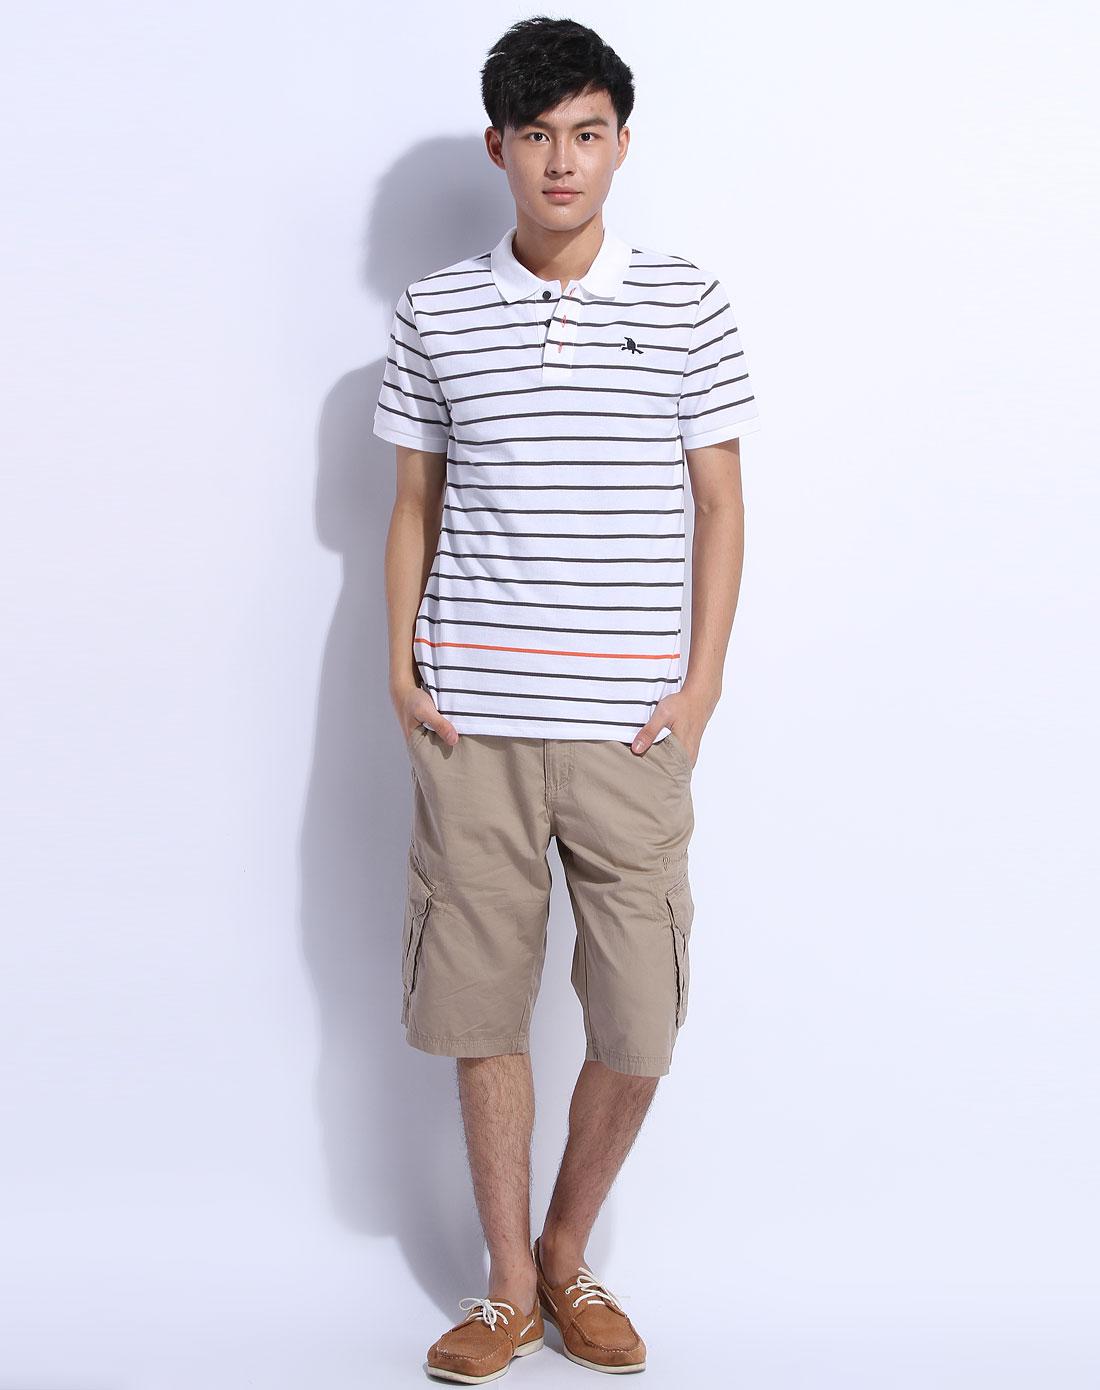 森马男装专场-白色条纹翻领短袖休闲t恤图片